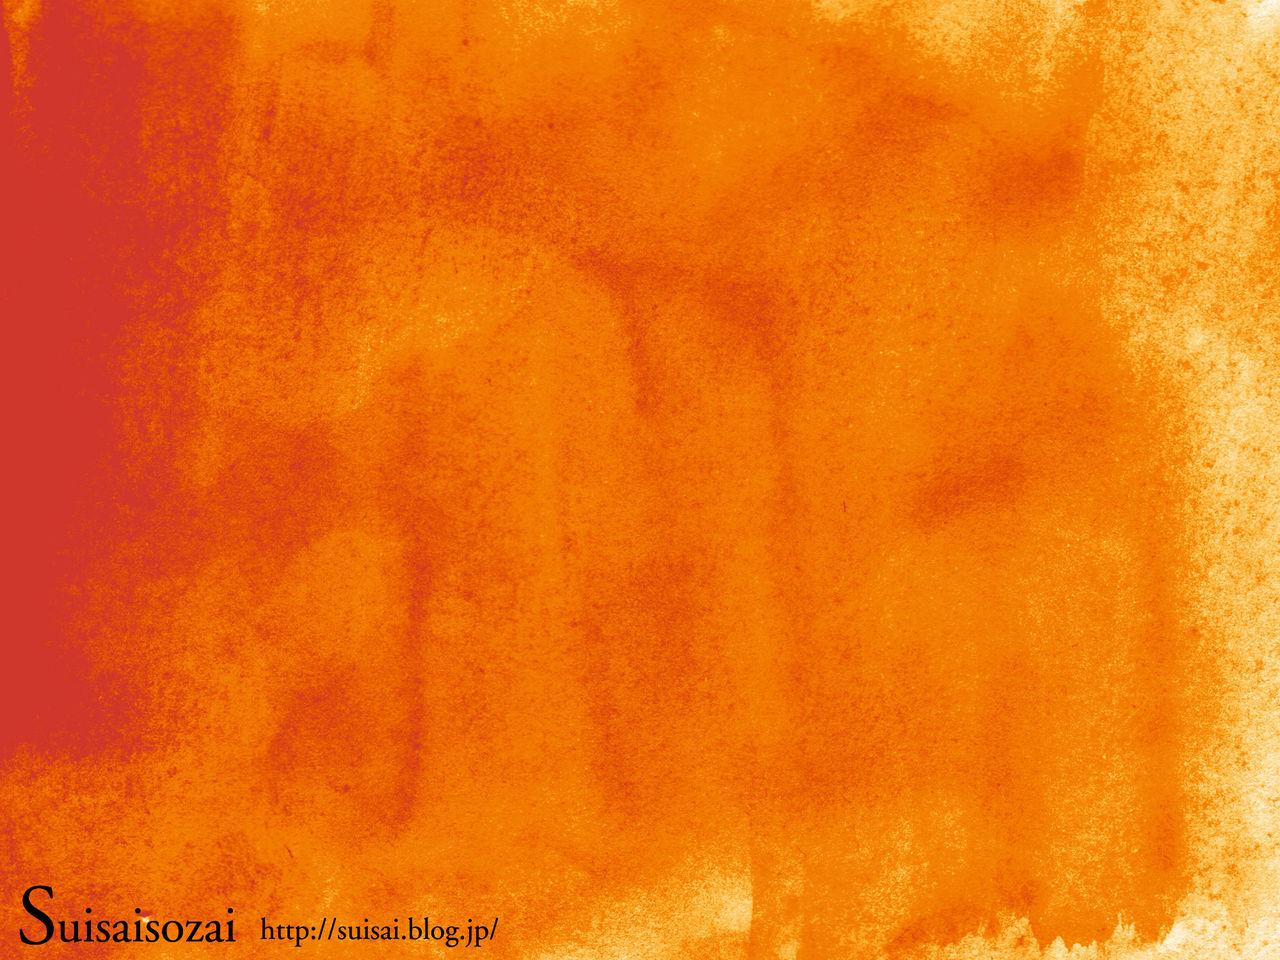 すべての講義 緑 黄色 : 水彩素材030-3 : 商用可のフリー水彩素材│suisaisozai